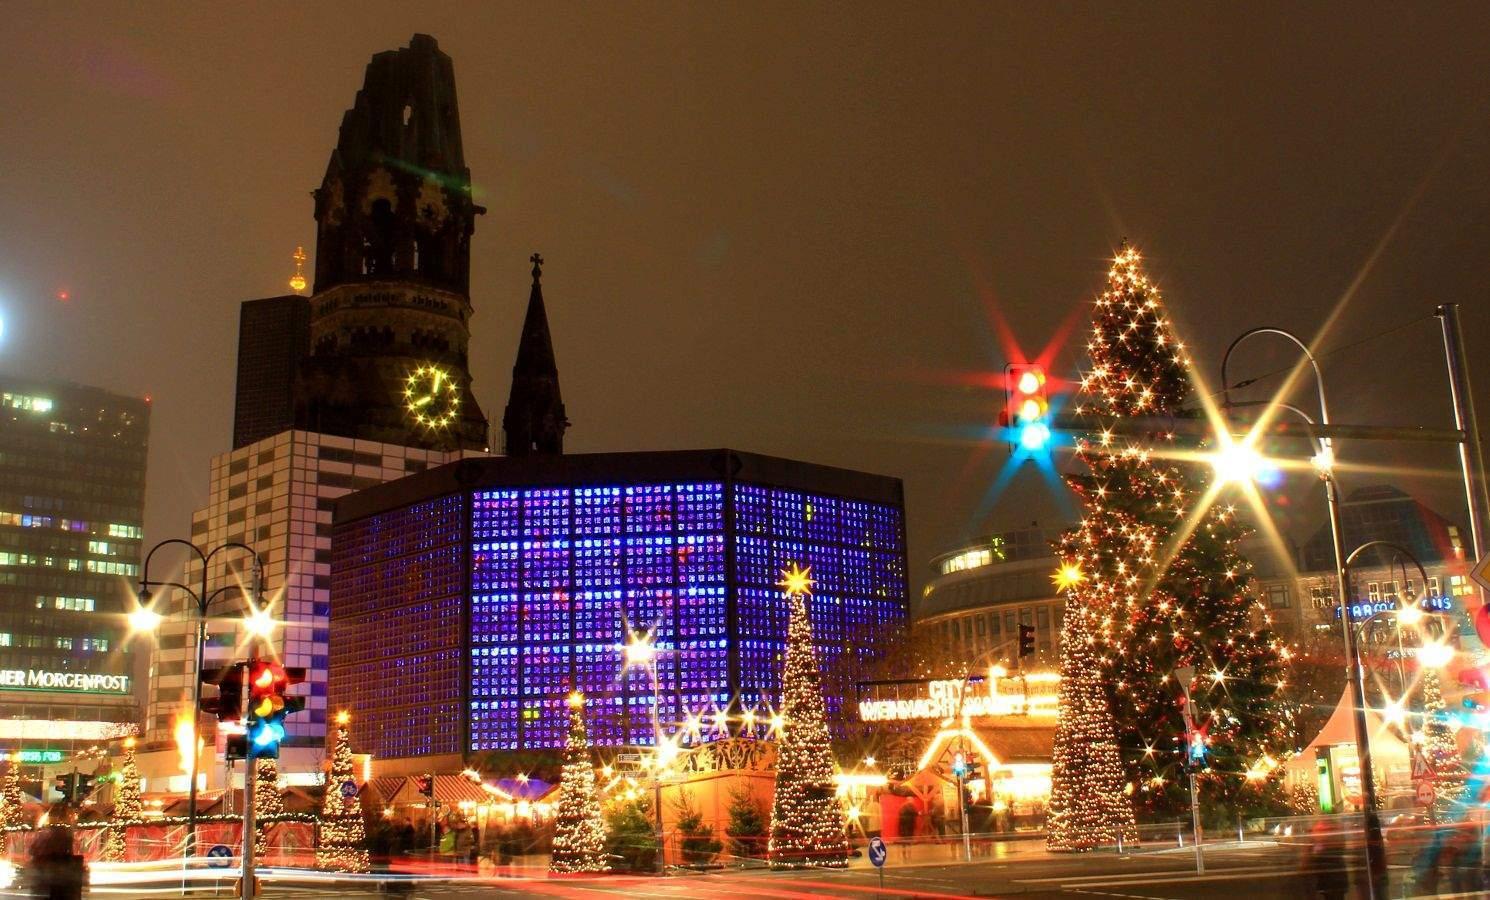 zoologischer garten berlin preise frisch berliner weihnachtsmarkt an der gedachtniskirche berlin of zoologischer garten berlin preise